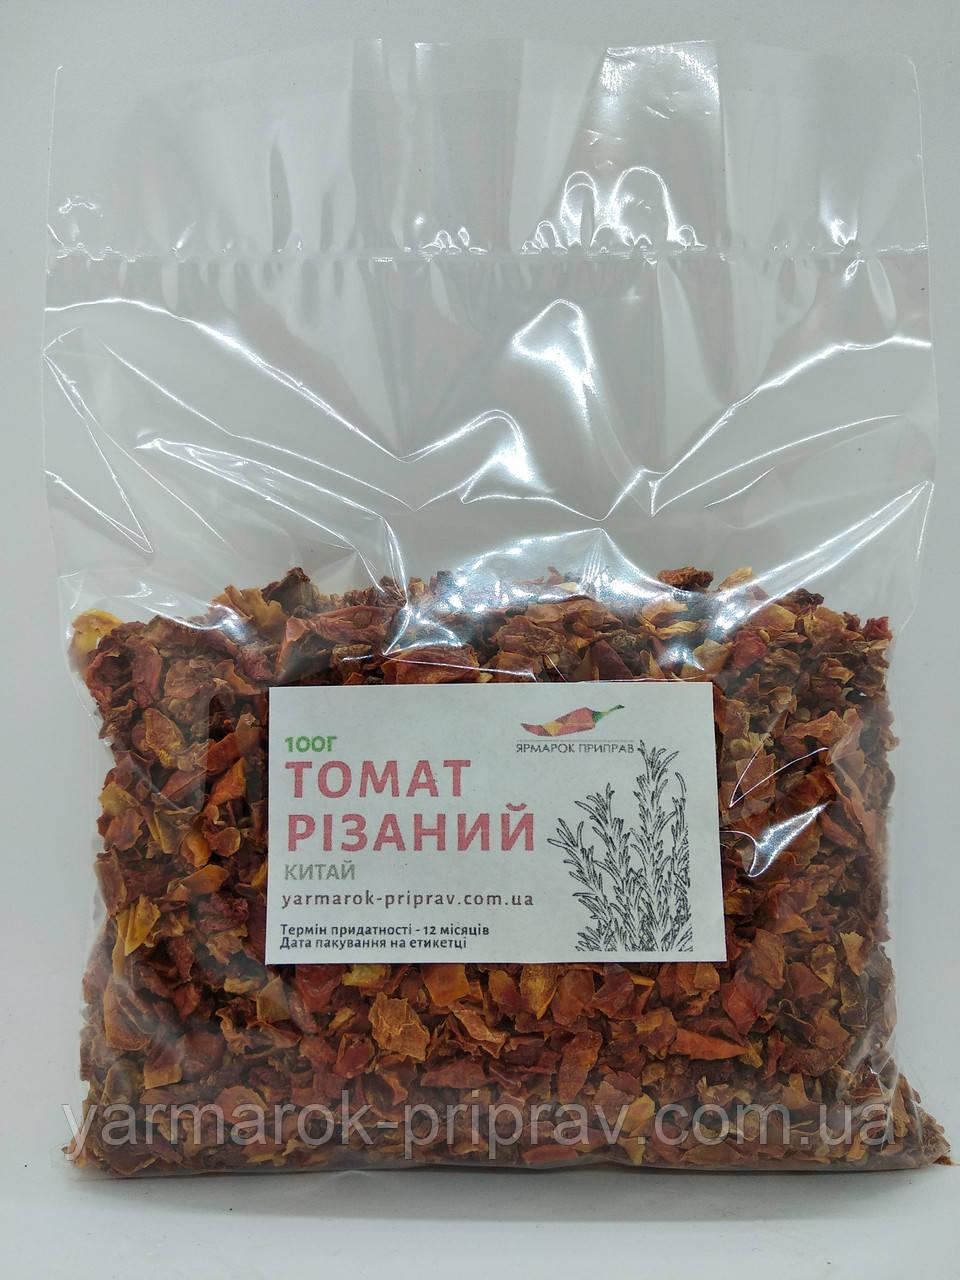 Томат резаный (Китай), 100г